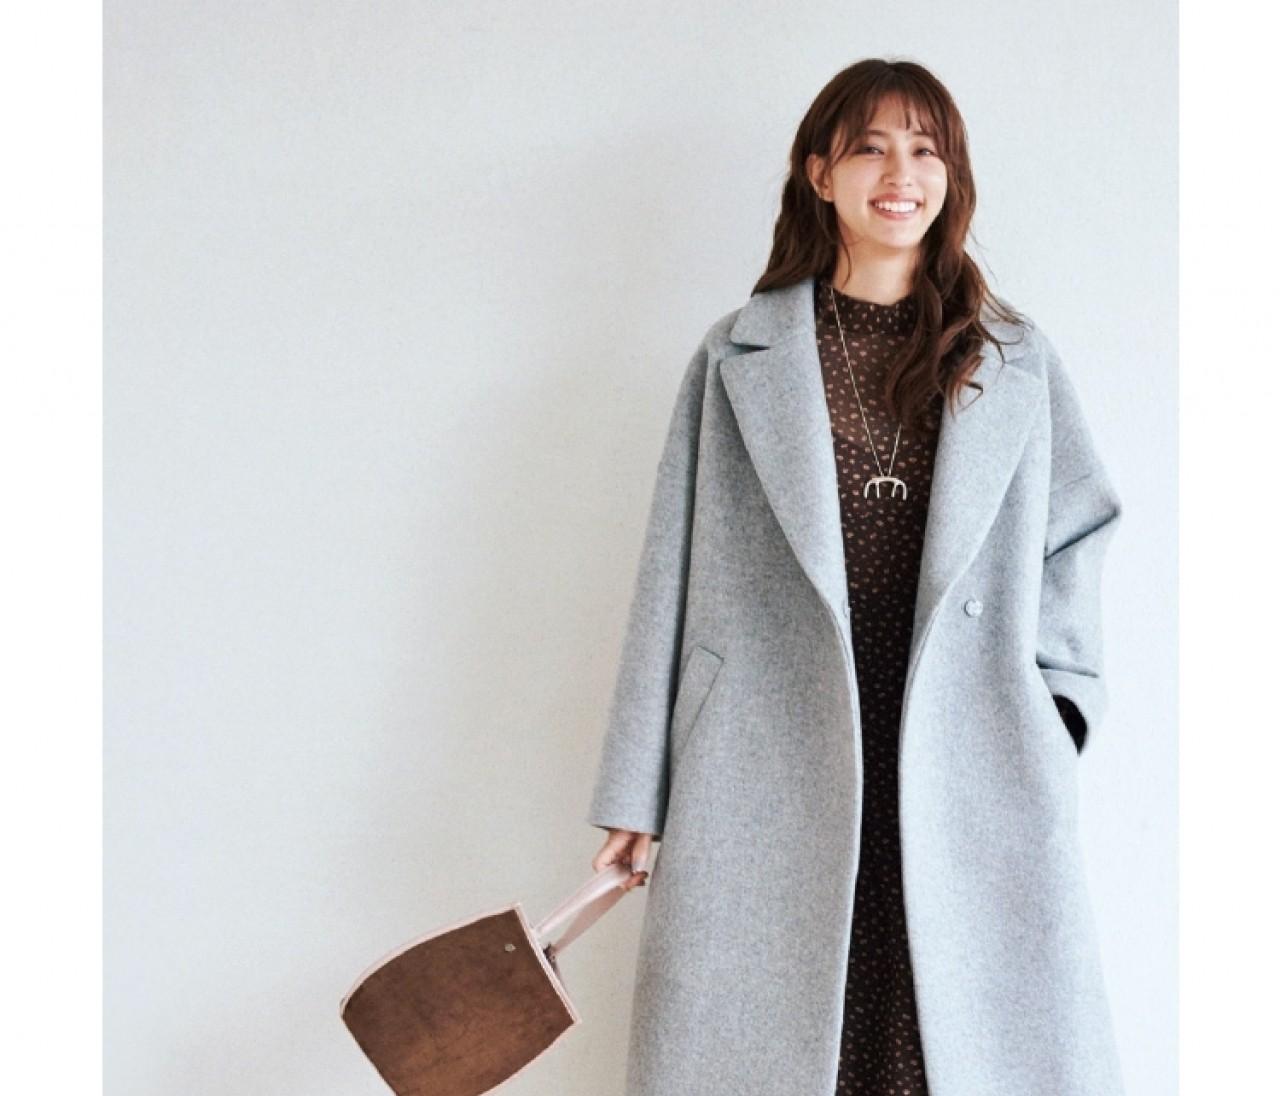 30代女子のデイリーコーデに最適!【3万〜4万円台コートまとめ】信頼ブランドのヒットデザイン